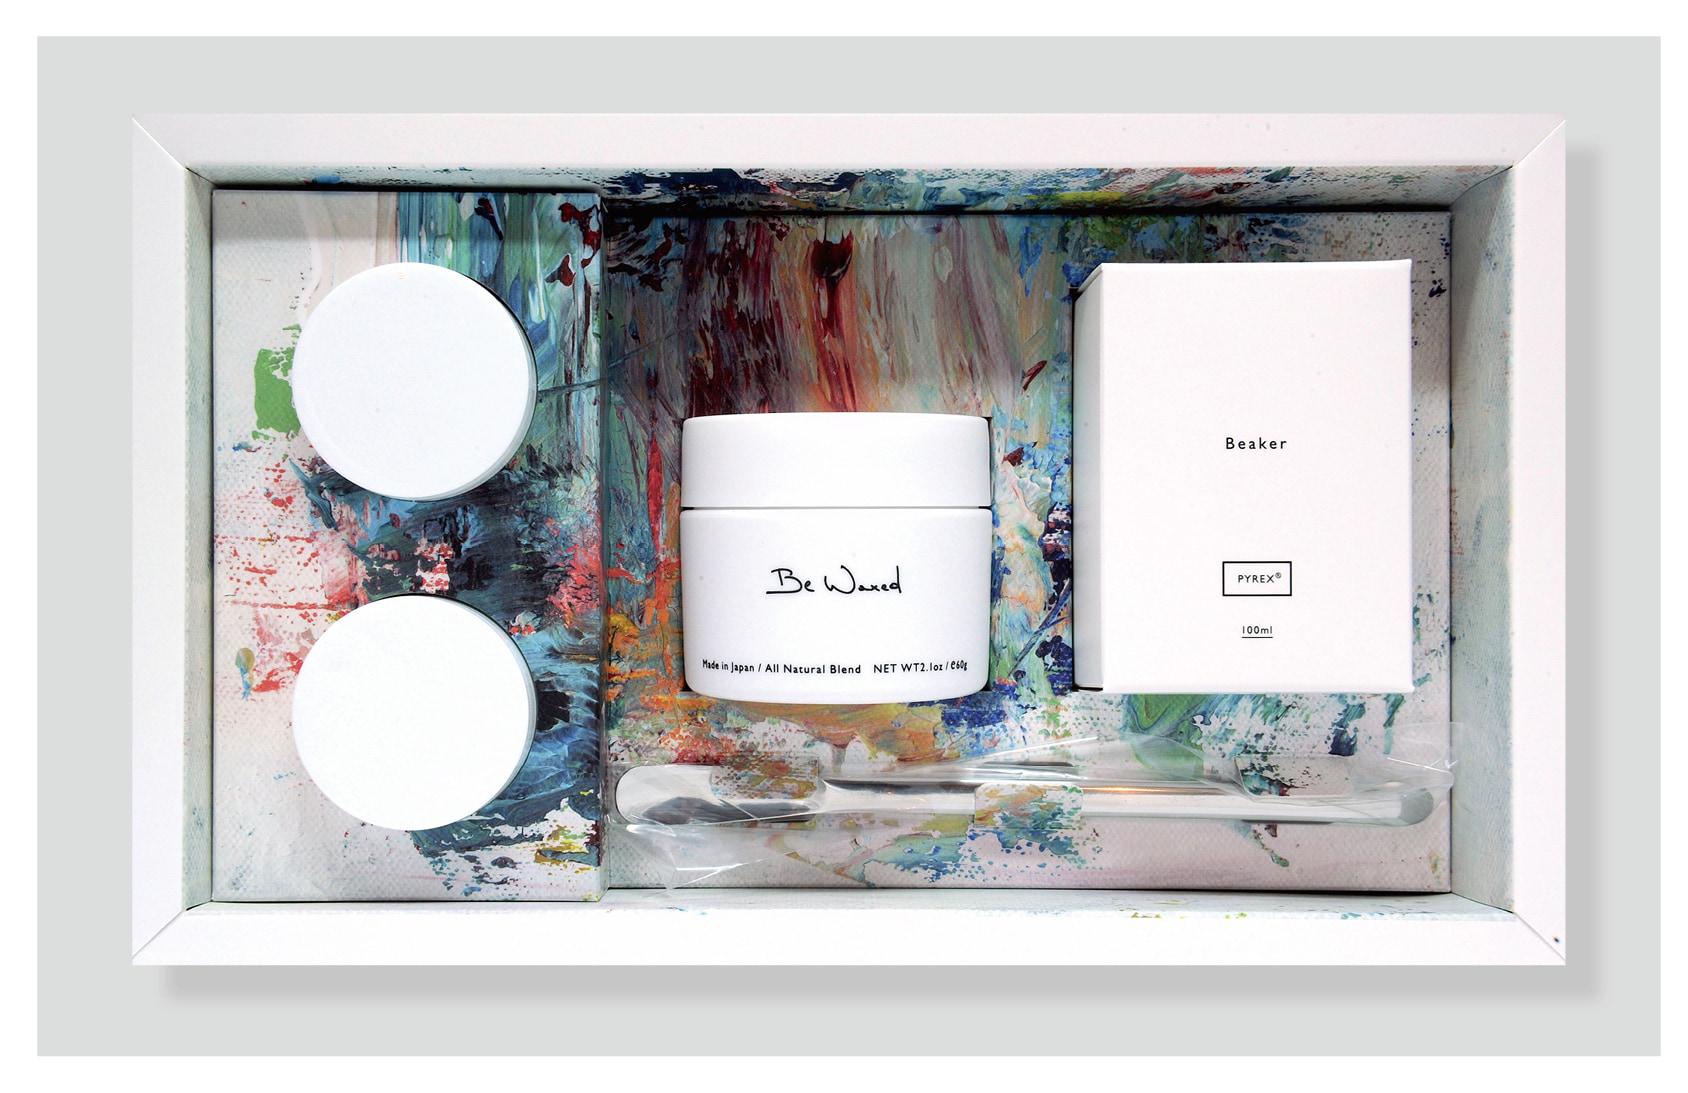 好きな香りで自分だけのオリジナル保湿バームが作れる、Be WaxedのKit Box